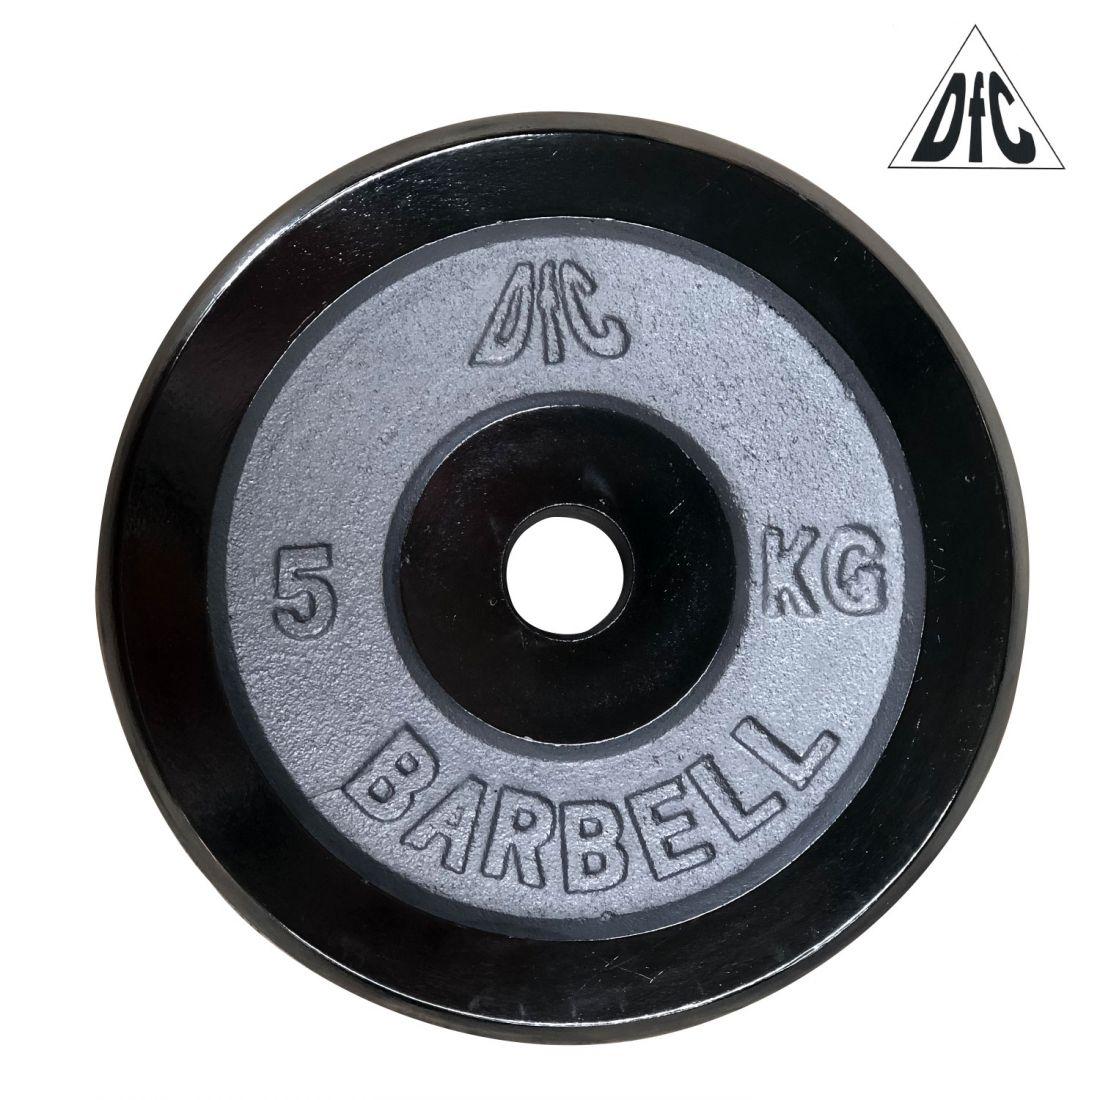 Диск хромированный DFC, 26 мм, 5 кг